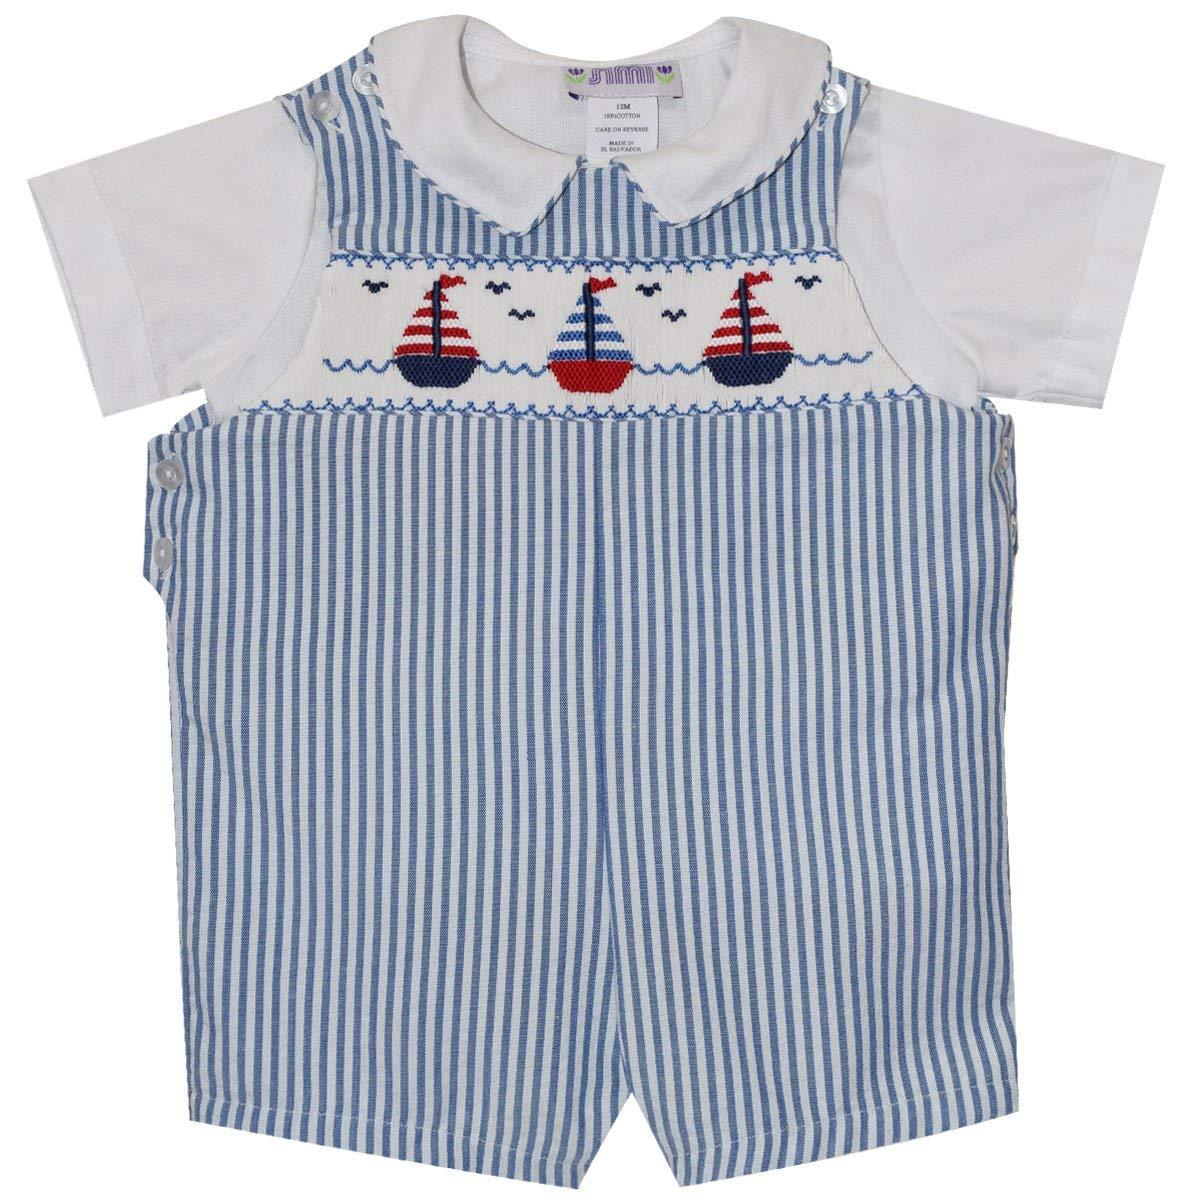 Sailboat Smocked Blue Stripe Shortall and Shirt